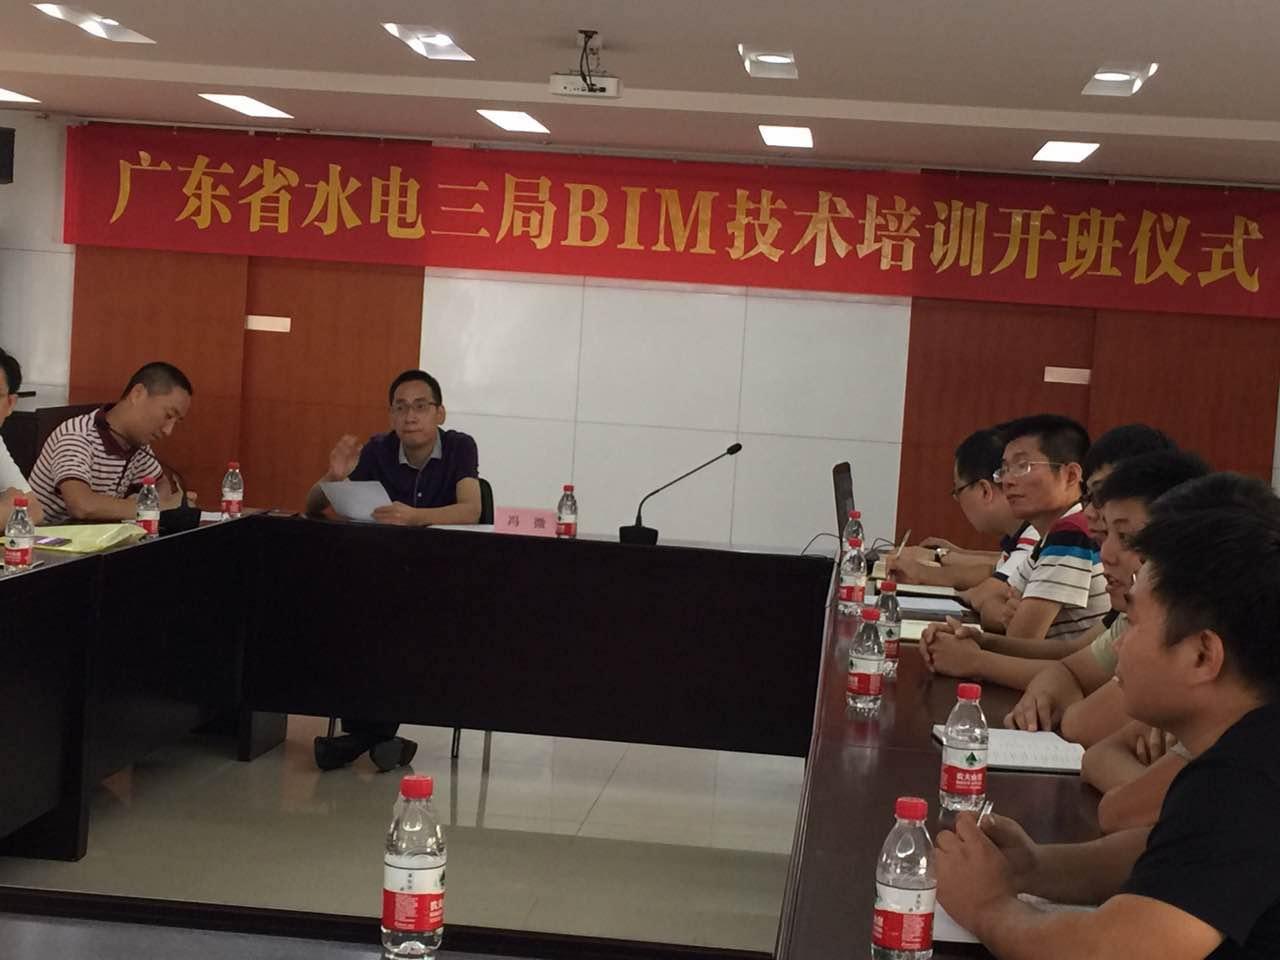 广东水利电力第三工程局BIM培训班开班会议